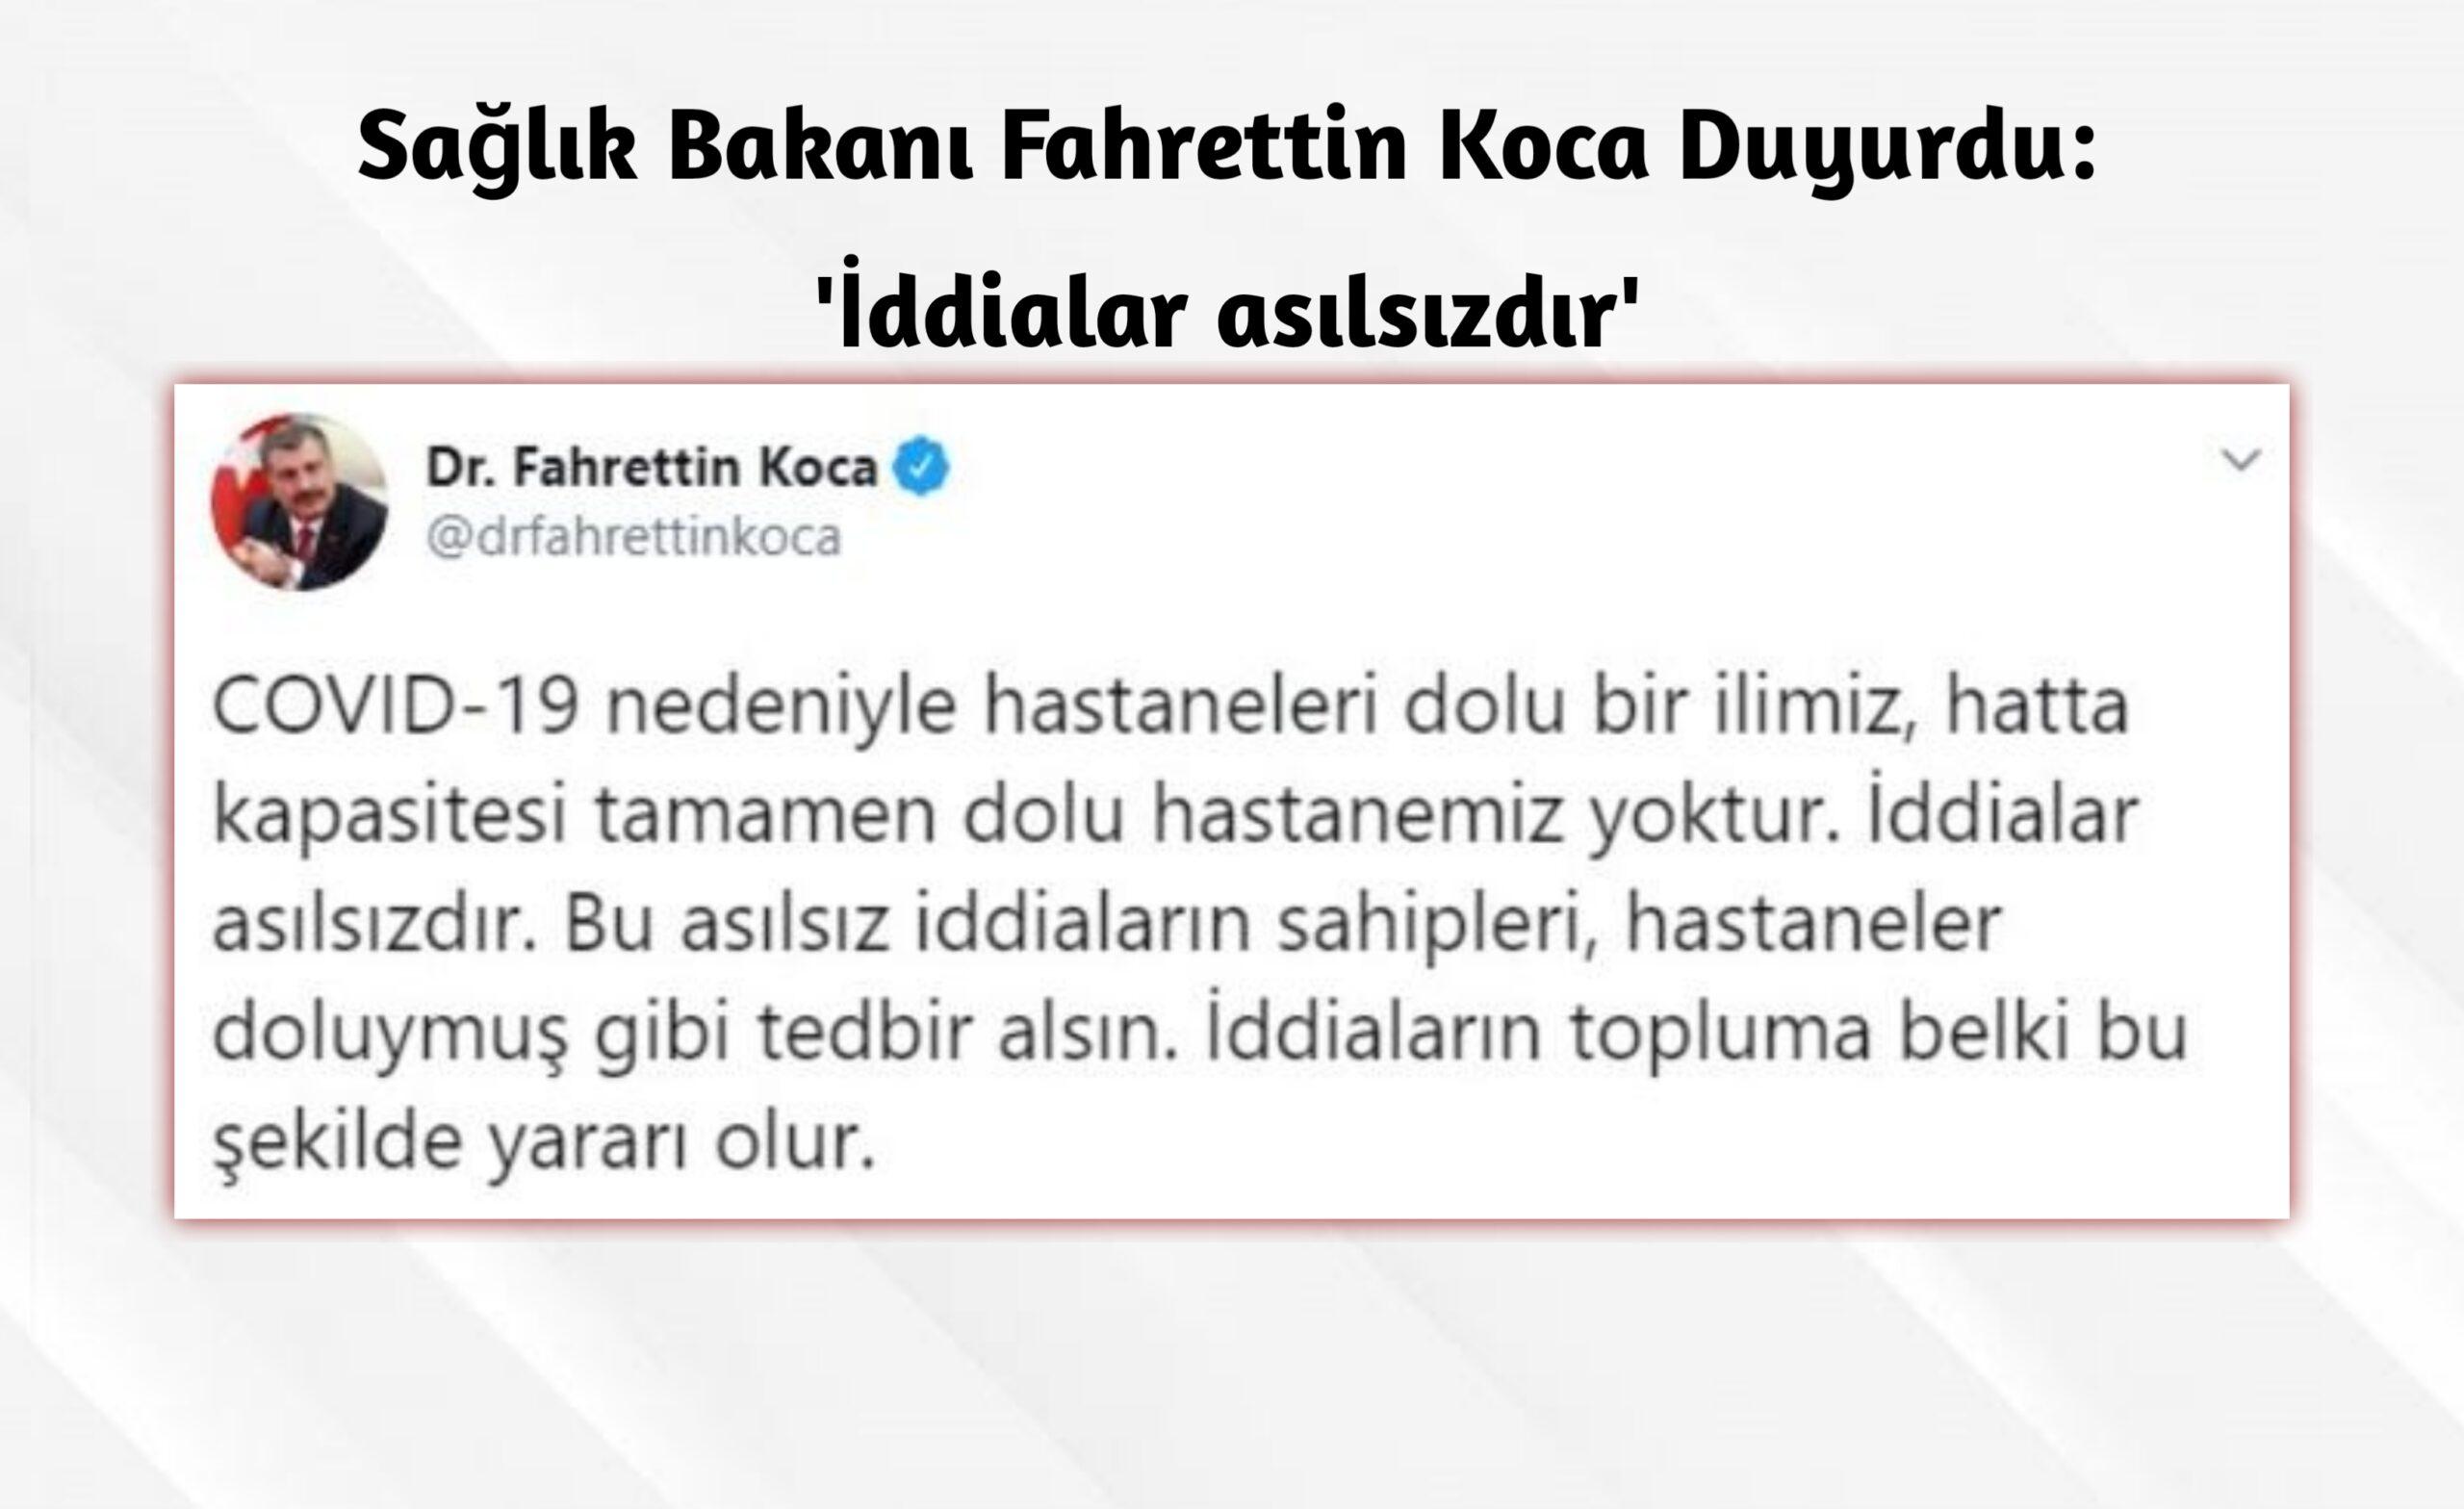 Sağlık Bakanı Fahrettin Koca duyurdu: 'İddialar asılsızdır'